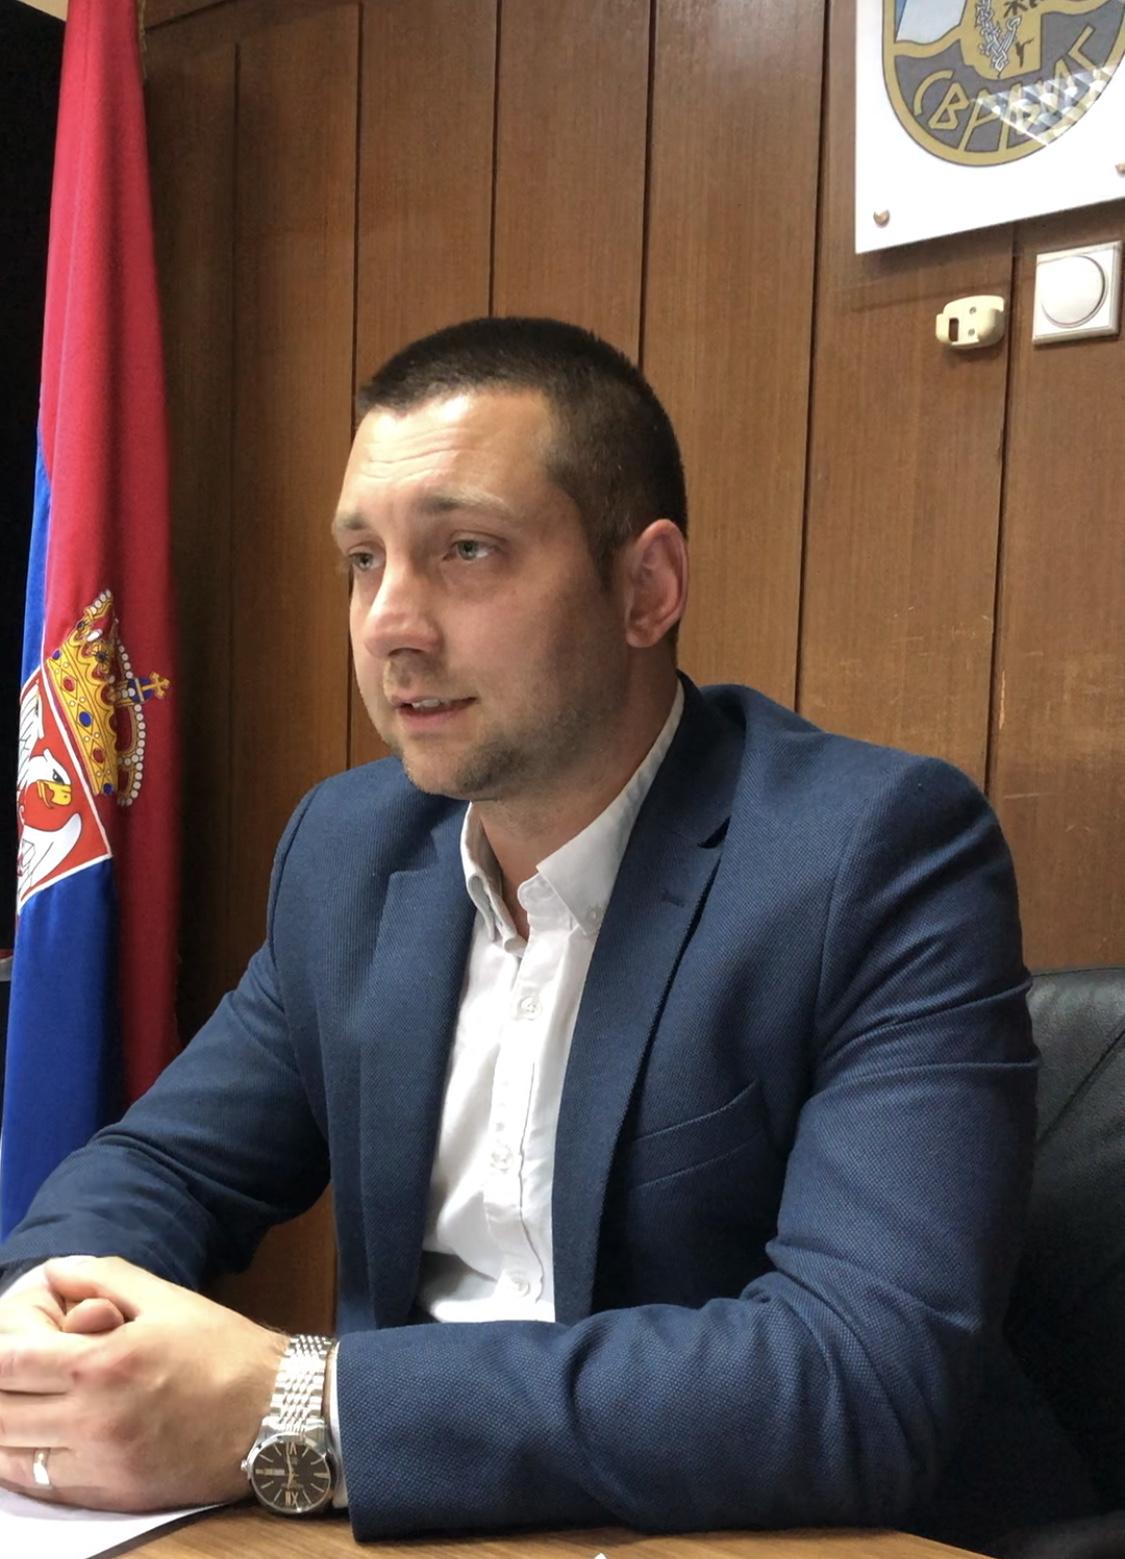 Predsednik opštine Svrljig Miroslav Marković, foto: YT prtScr, Svrljiška TV